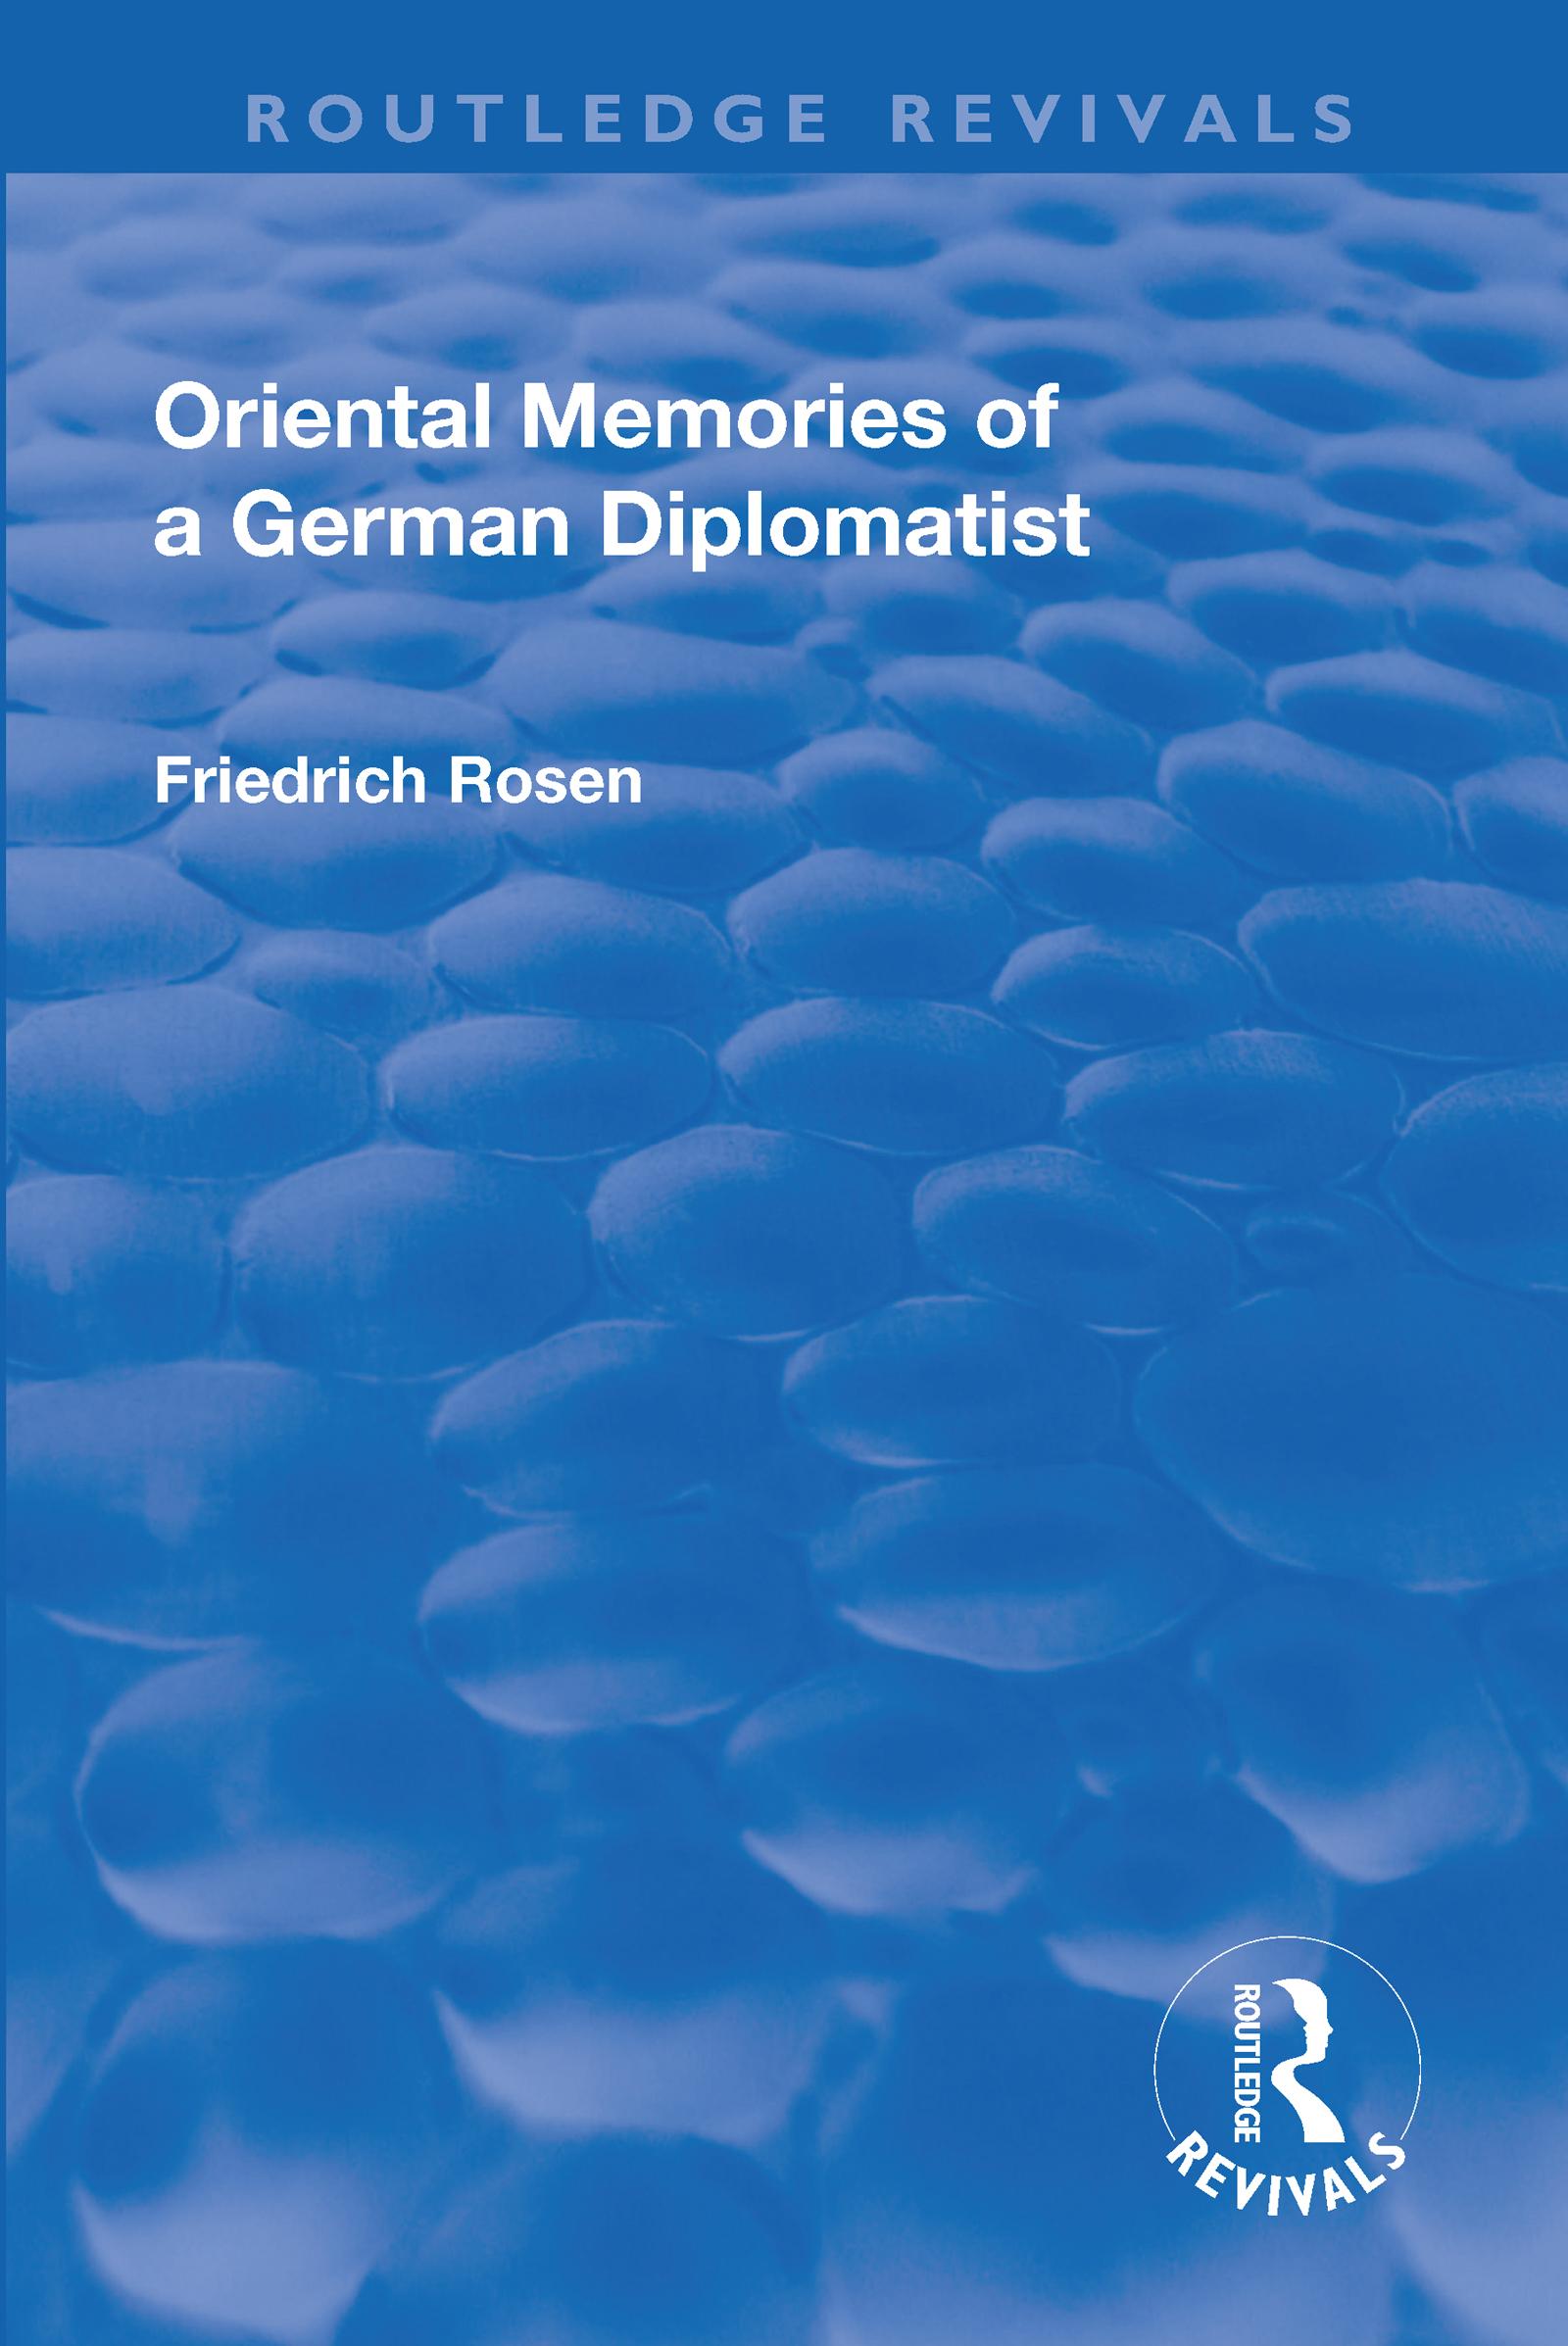 Revival: Oriental Memories of a German Diplomatist (1930)